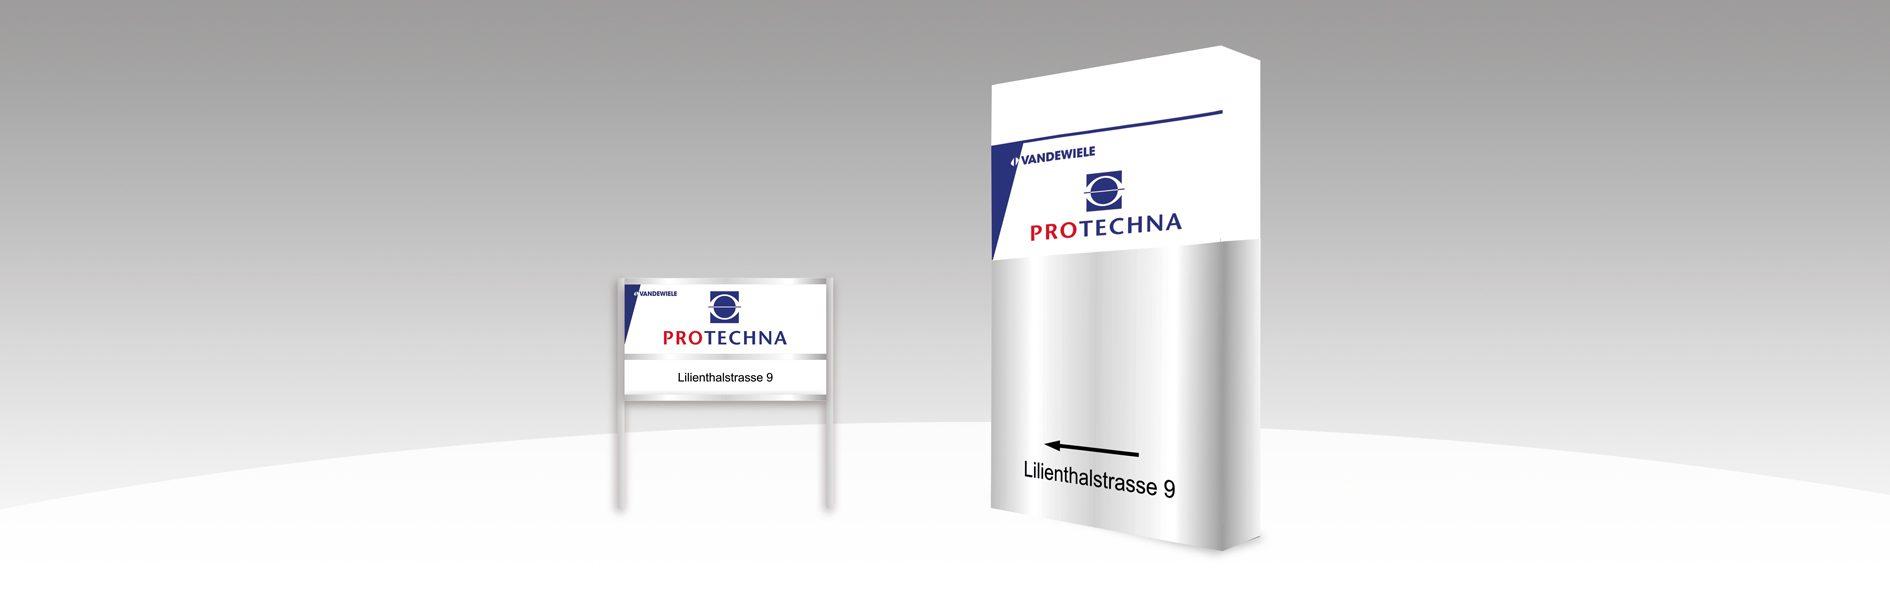 Hier ist die Außenbeschriftung von Protechna abgebildet.